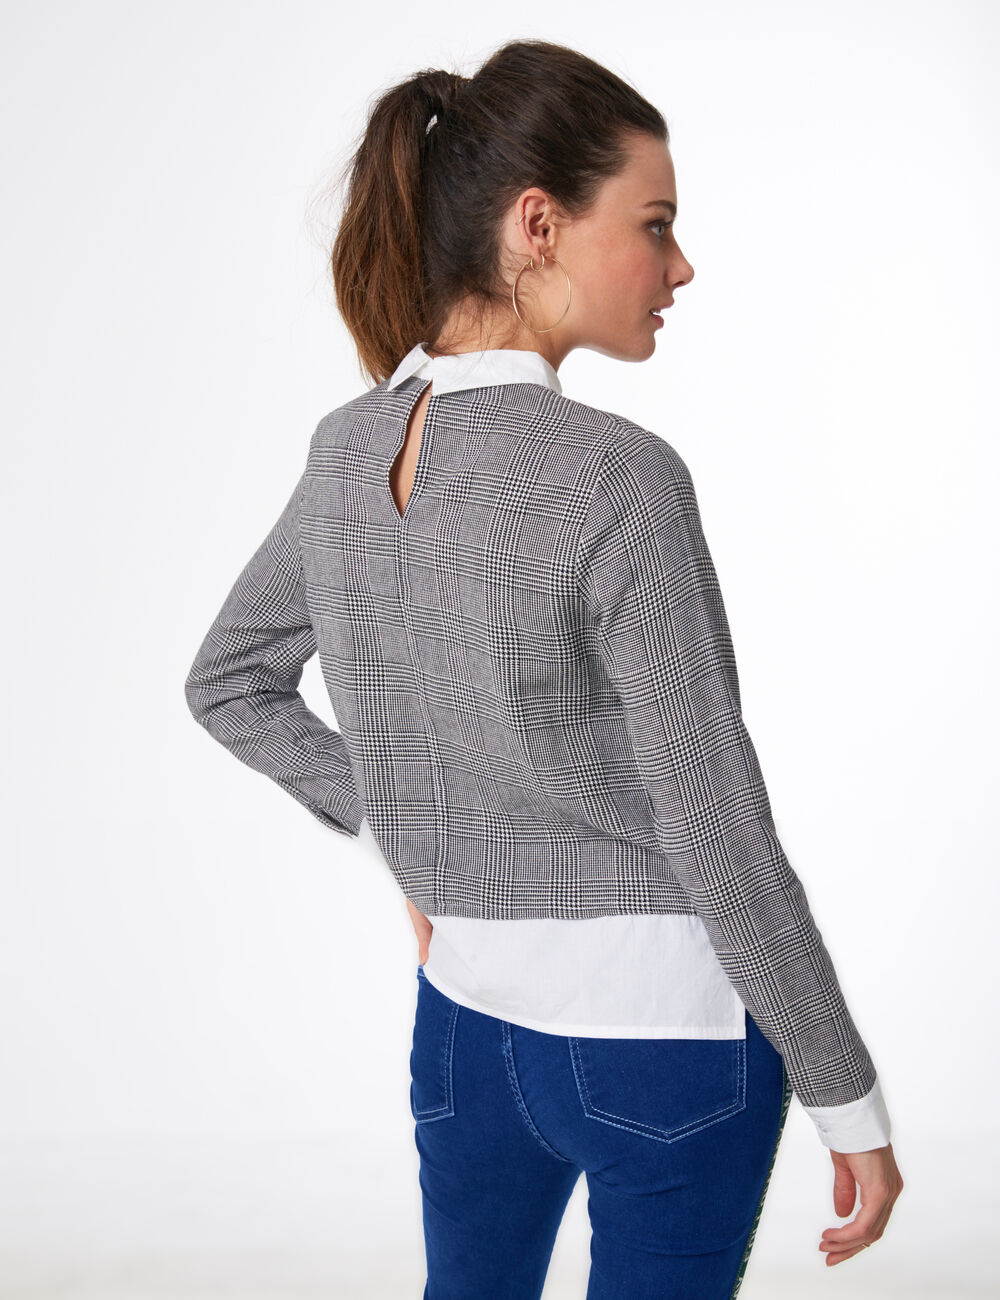 Blusa En a In Baqrb Mujer • cuadrosJean Camisa Jennyfer wvN8mOyn0P